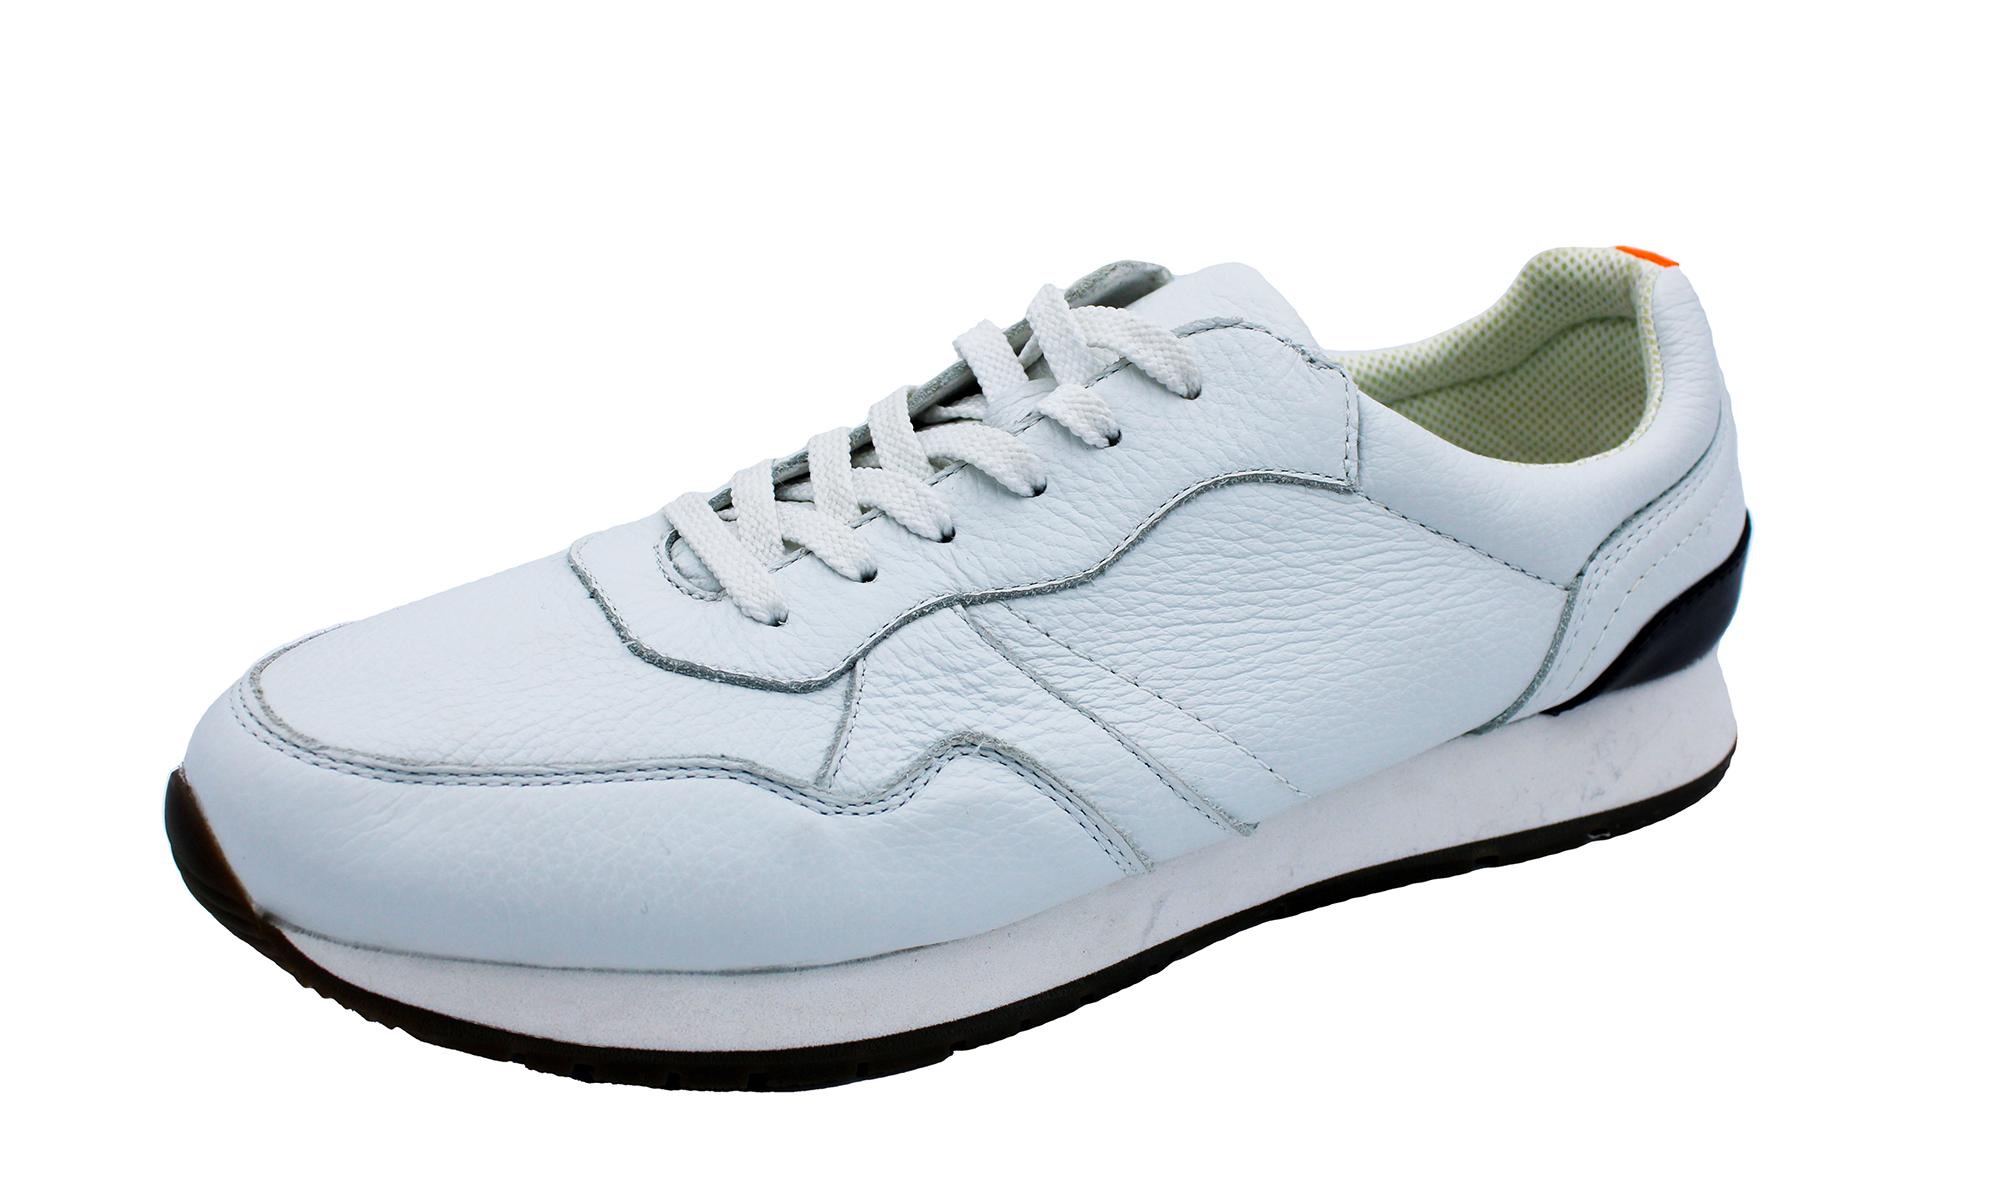 Zapatillas blancas hombre 23.11.20 - 28.11.20